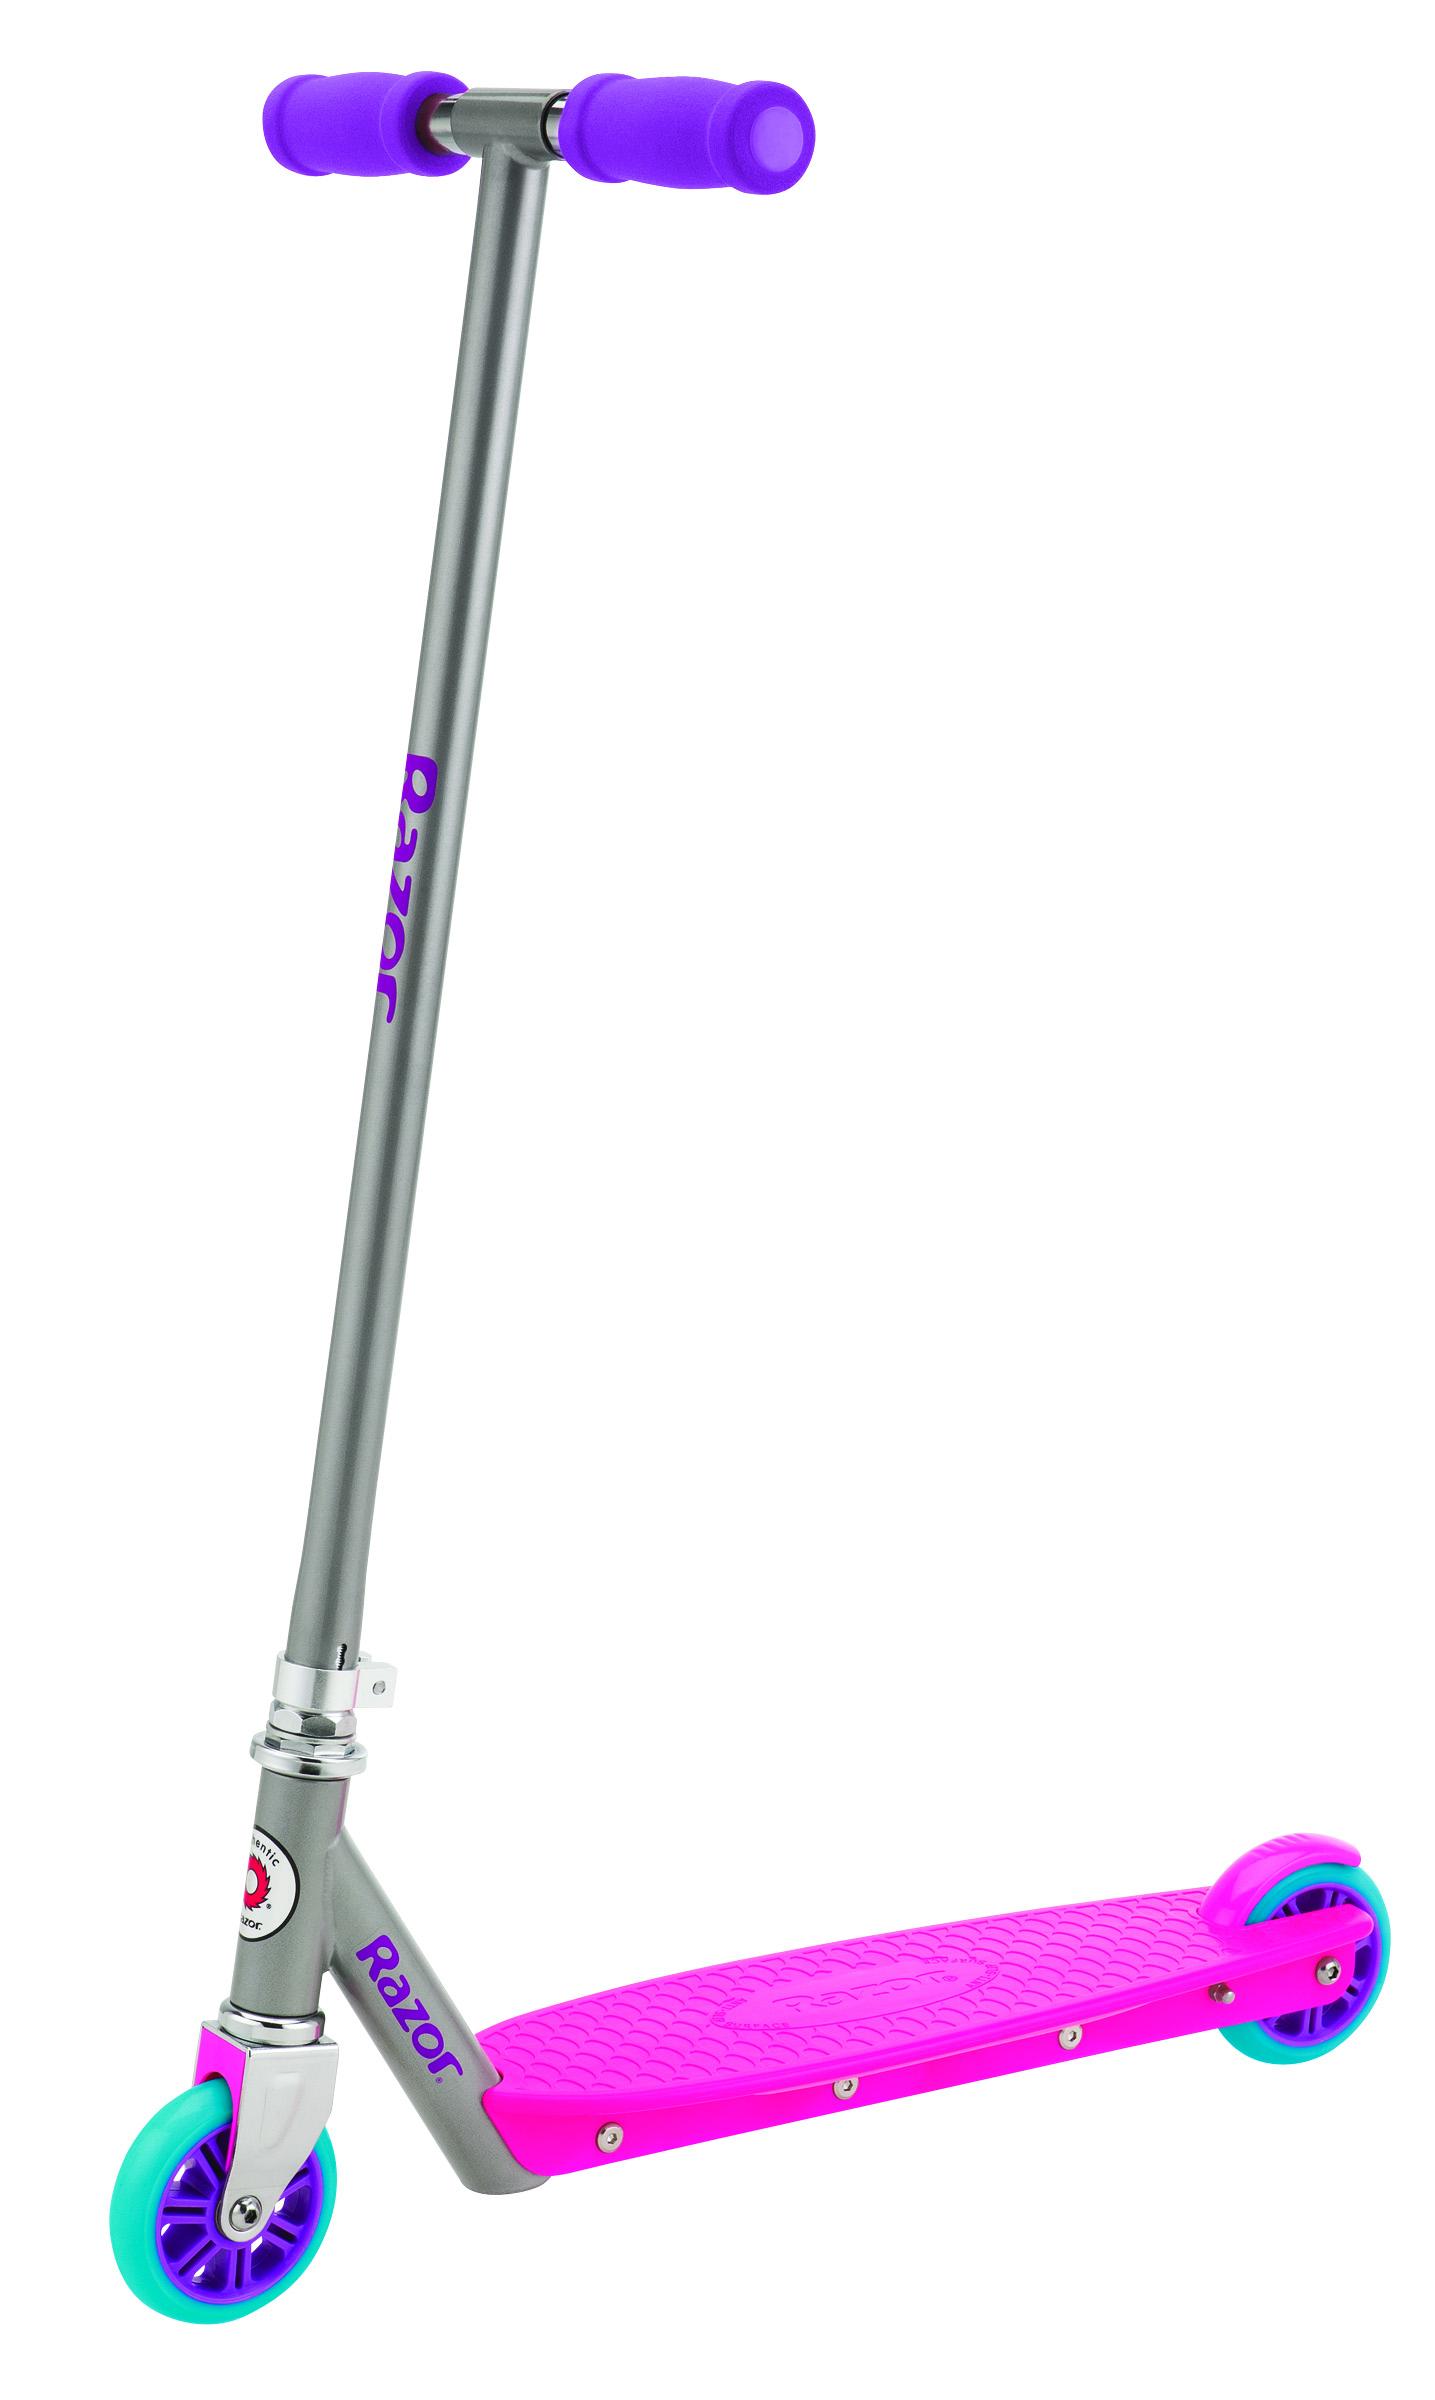 """Новой модной линией самокатов от Razor является модель Razor """"Berry"""". Самокат выполнен в ярком цвете и имеет яркую пластиковую деку, колеса и ручки. Ретростиль является одной из ярко выраженных черт самоката Razor Berry. Несмотря на то, что дека выполнена из пластика она достаточно прочная и обеспечивает более гибкую и мягкую езду по сравнению с алюминиевыми деками. Стандартный самокат для детей и подростков, изготовленный из высококачественных материалов, что придаёт этому самокату необходимую устойчивость и манёвренность. Яркий дизайн прибавляет райдеру солидности и уверенности на дороге. Если вы хотите купить своему ребёнку не дорогой, но качественный самокат не на один сезон, то мы думаем, стоит обратить внимание именно на эту линейку скутеров от """"Razor"""". Самокат бывает двух расцветок: голубой с оранжевым, розовый с фиолетовым."""